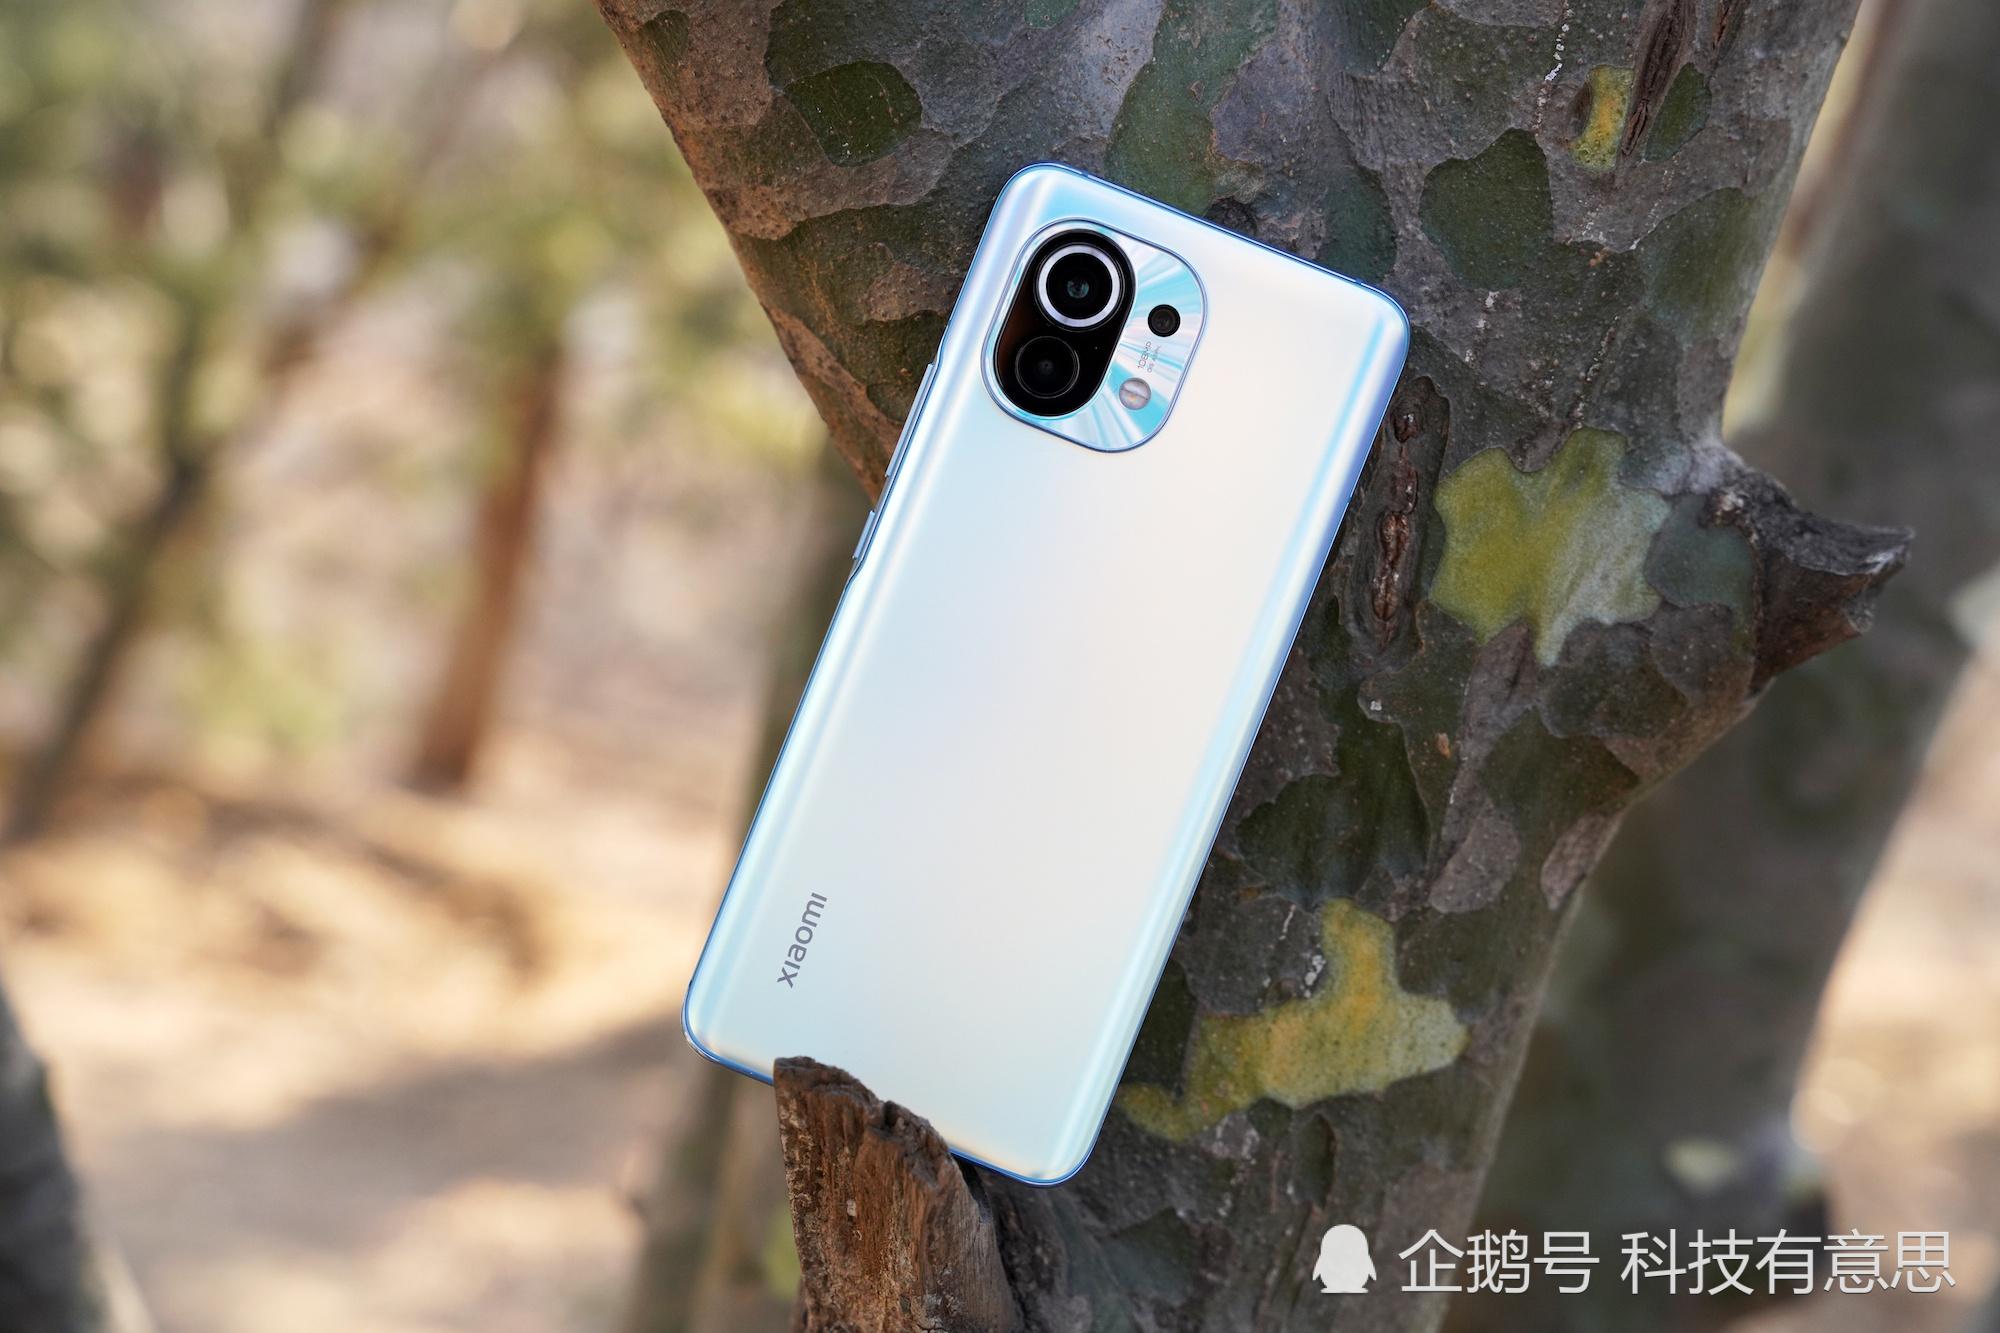 我有个好友,本想买iPhone12mini,最终却选了小米,原因很真实